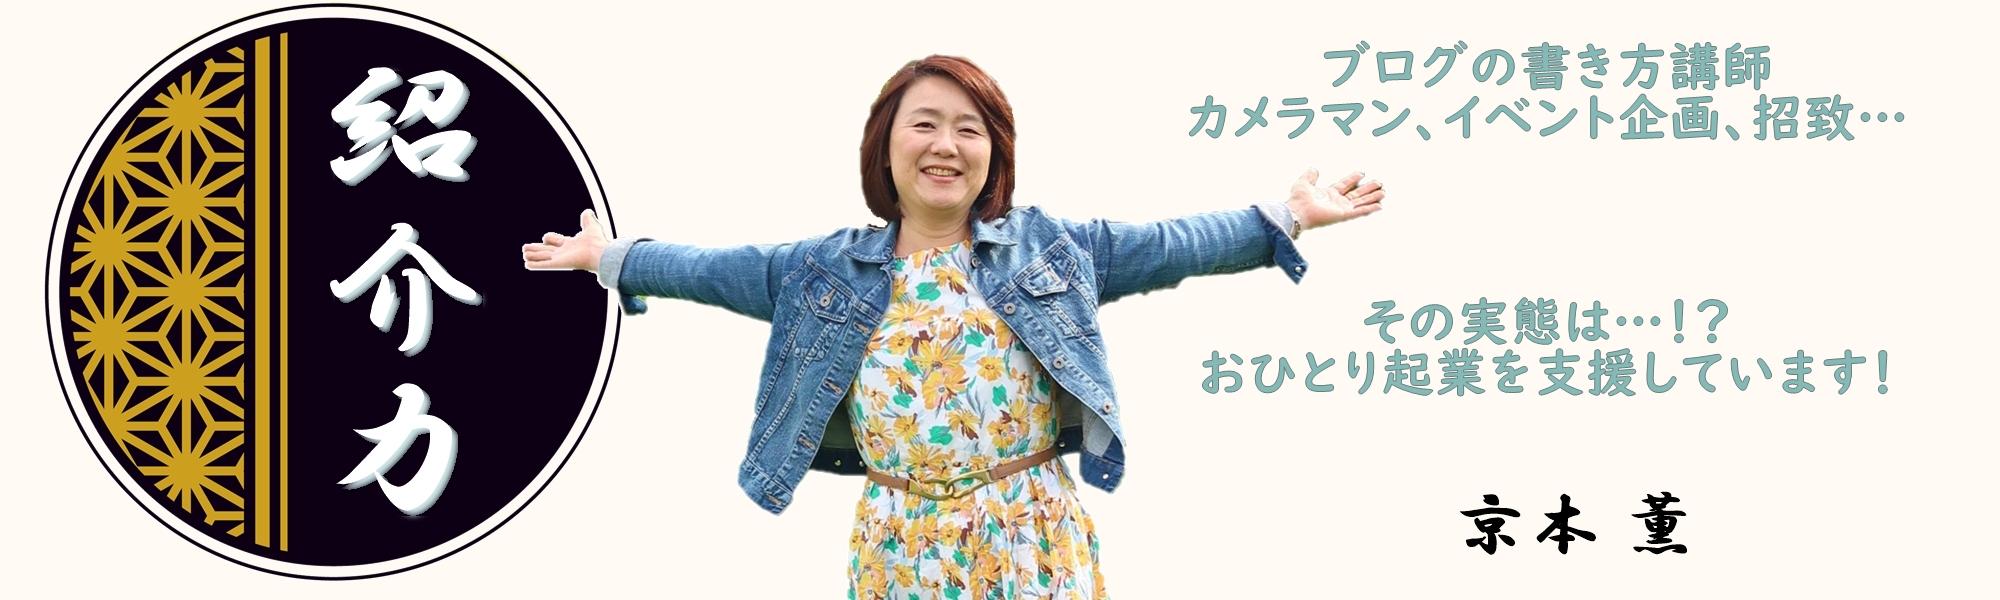 紹介力☆インターネットと写真で広報活動、起業支援(奈良、大阪、京都、兵庫)